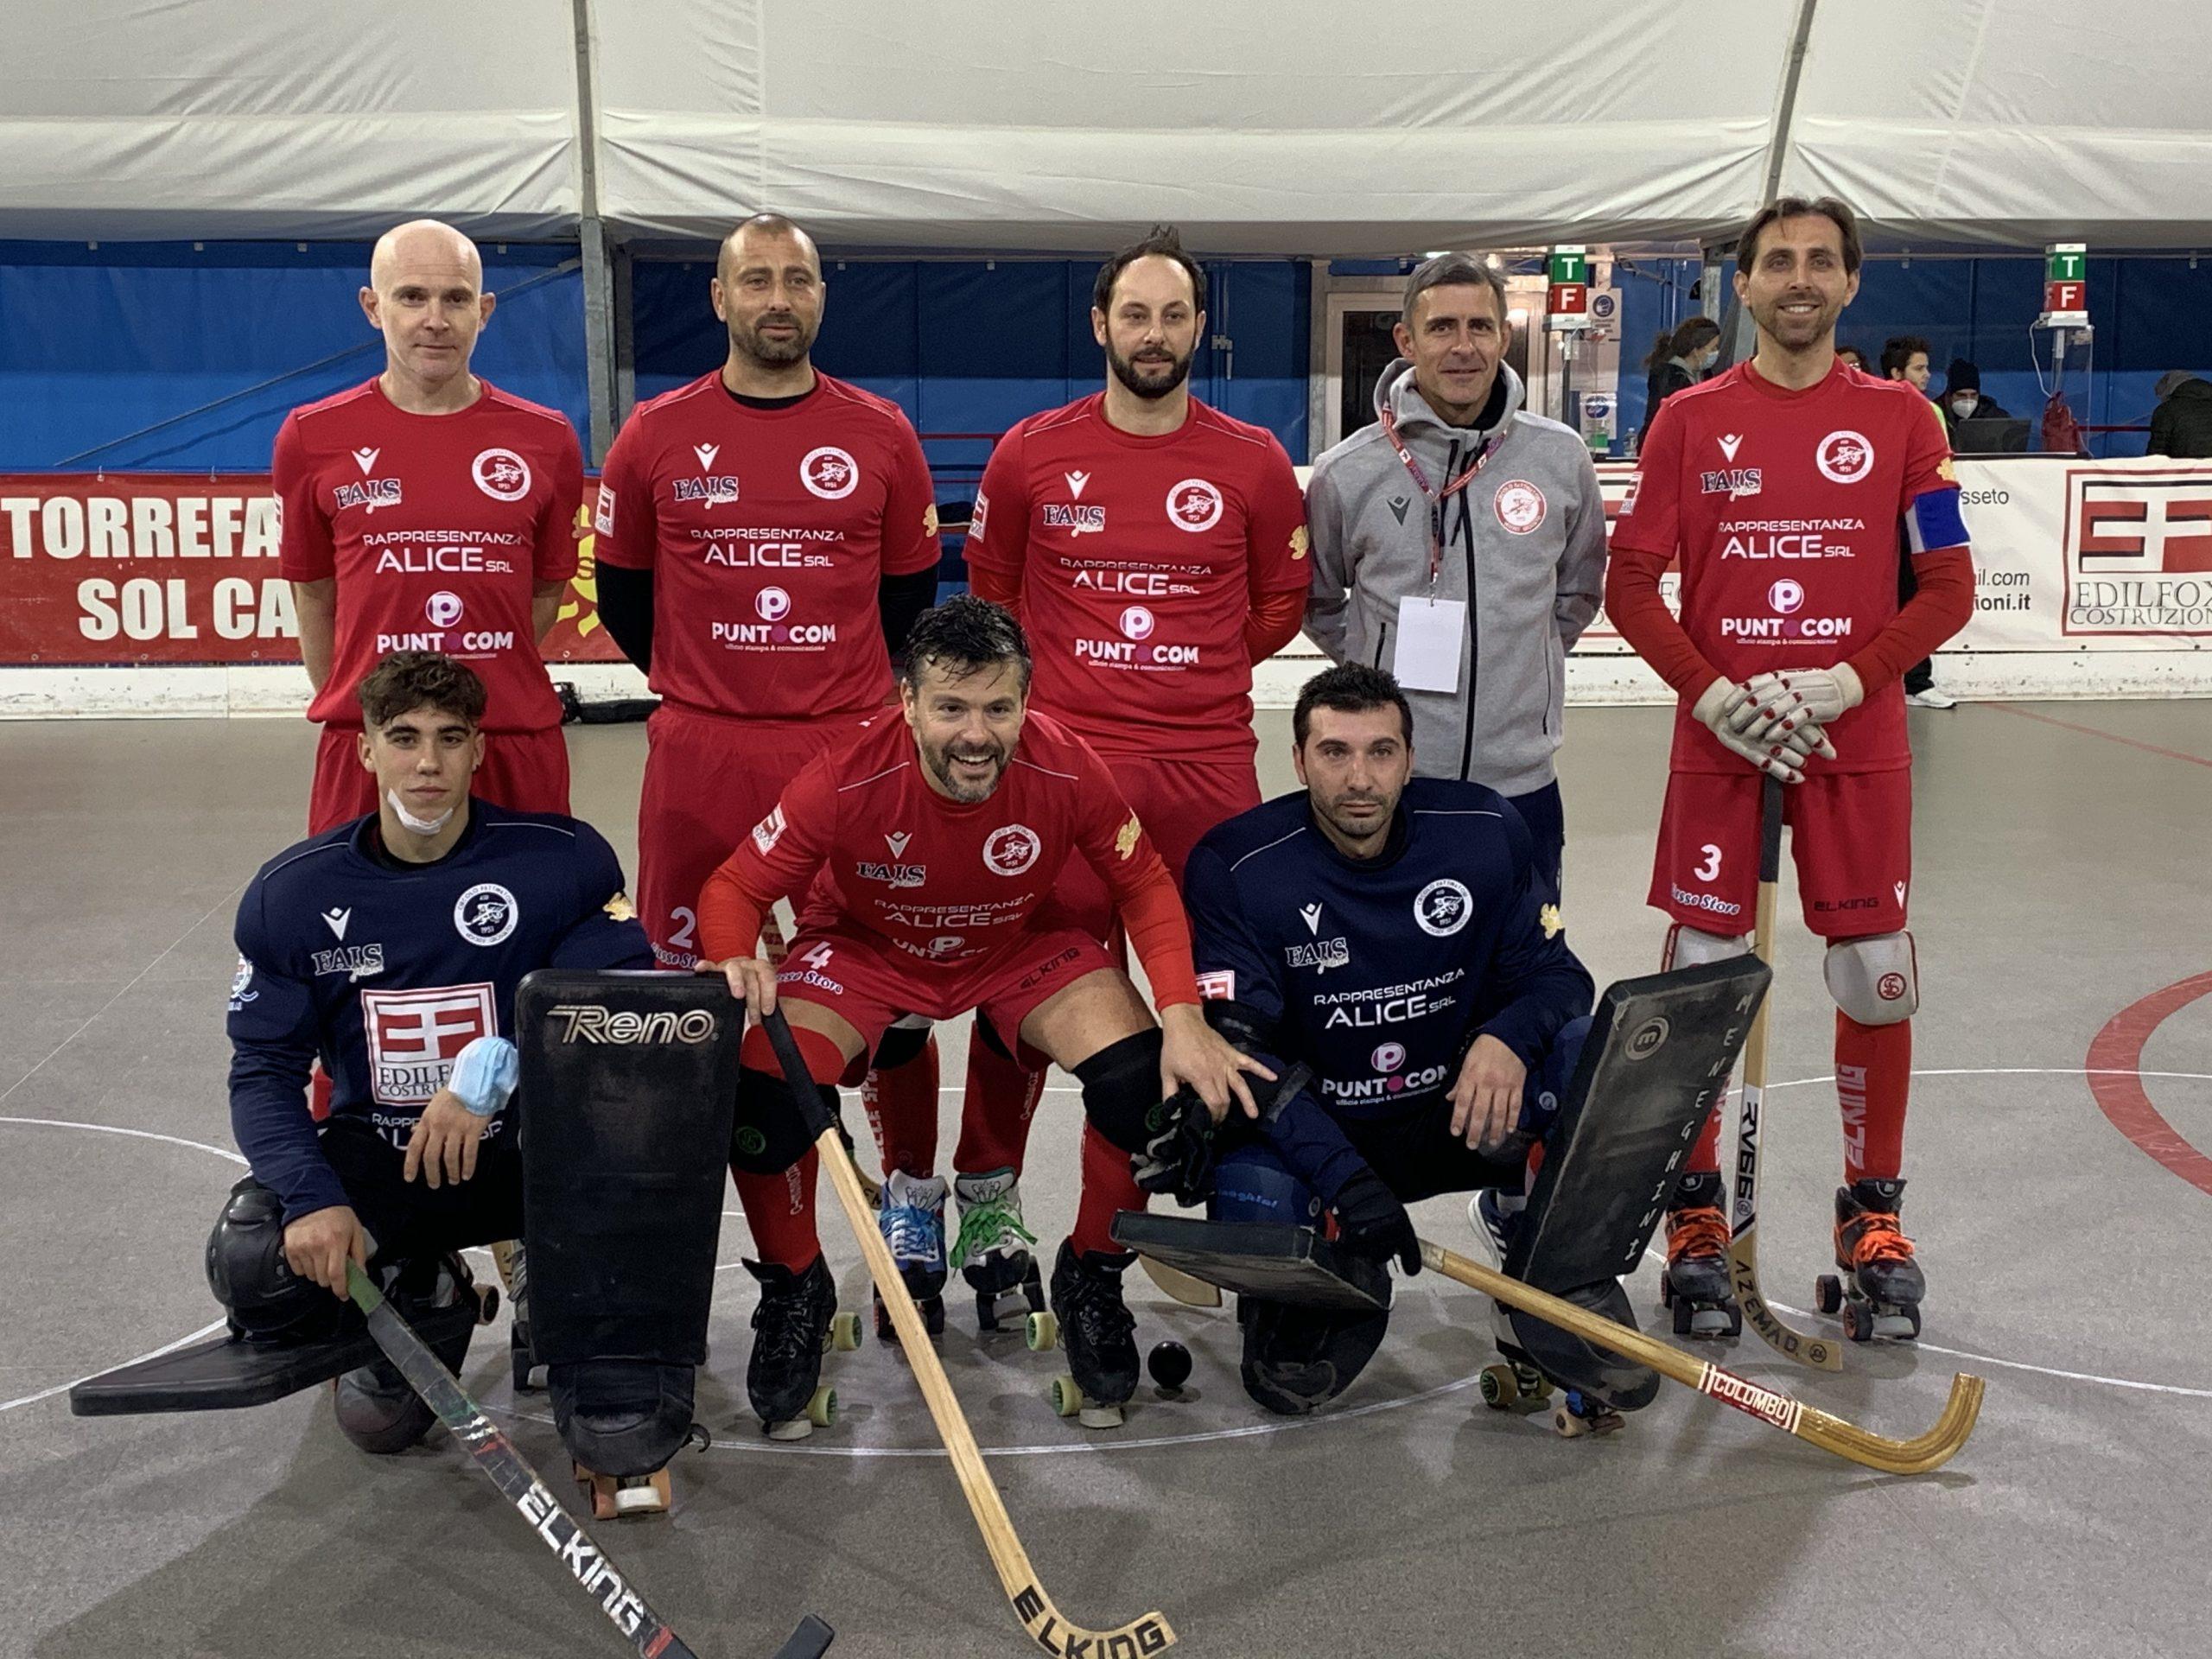 hockey-pista-circolo-pattinatori-grosseto-alice-formazione-serie-B